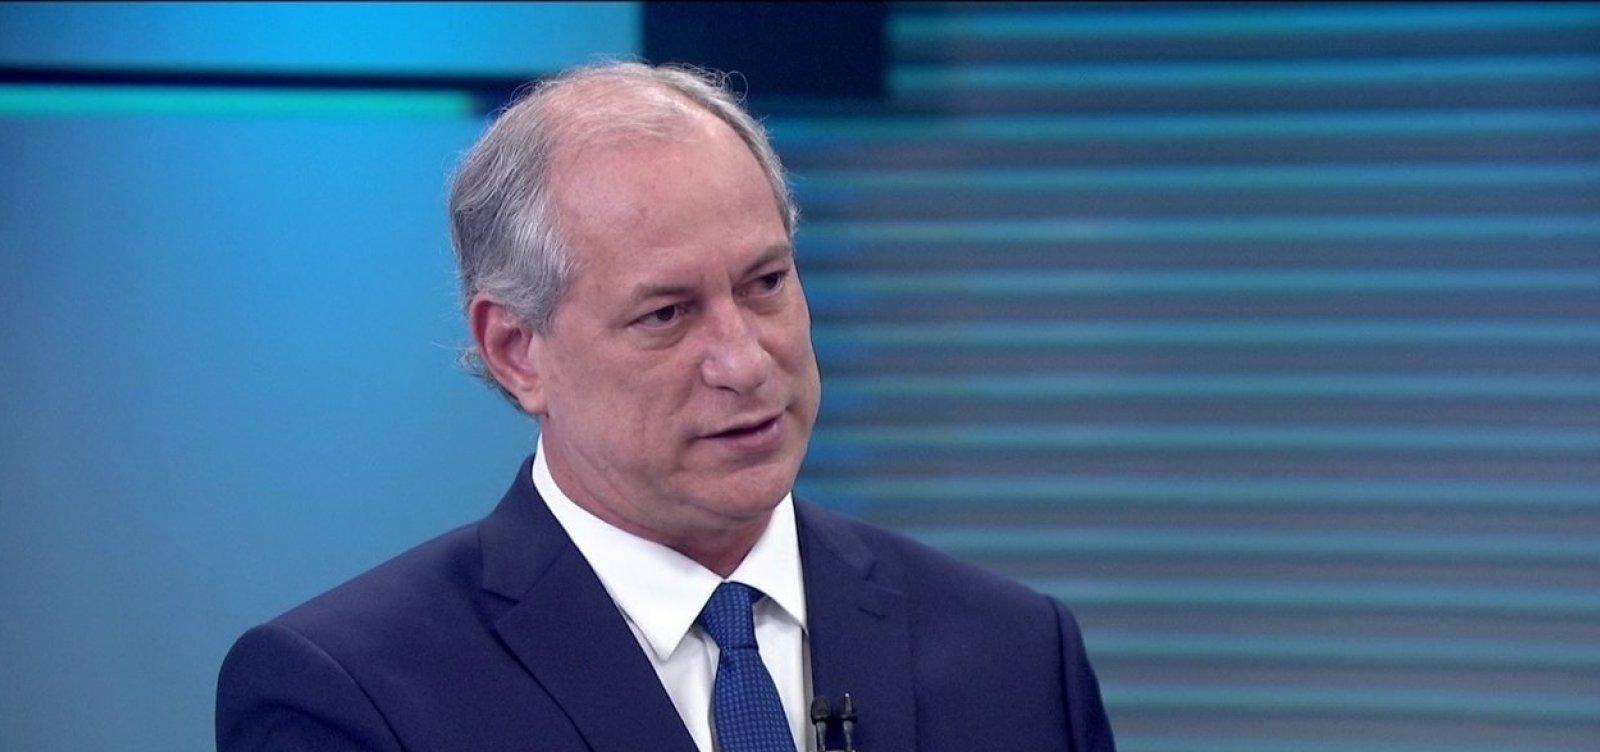 Ciro diz que Lula desconhecia mensalão, mas estava ciente da corrupção na Petrobras